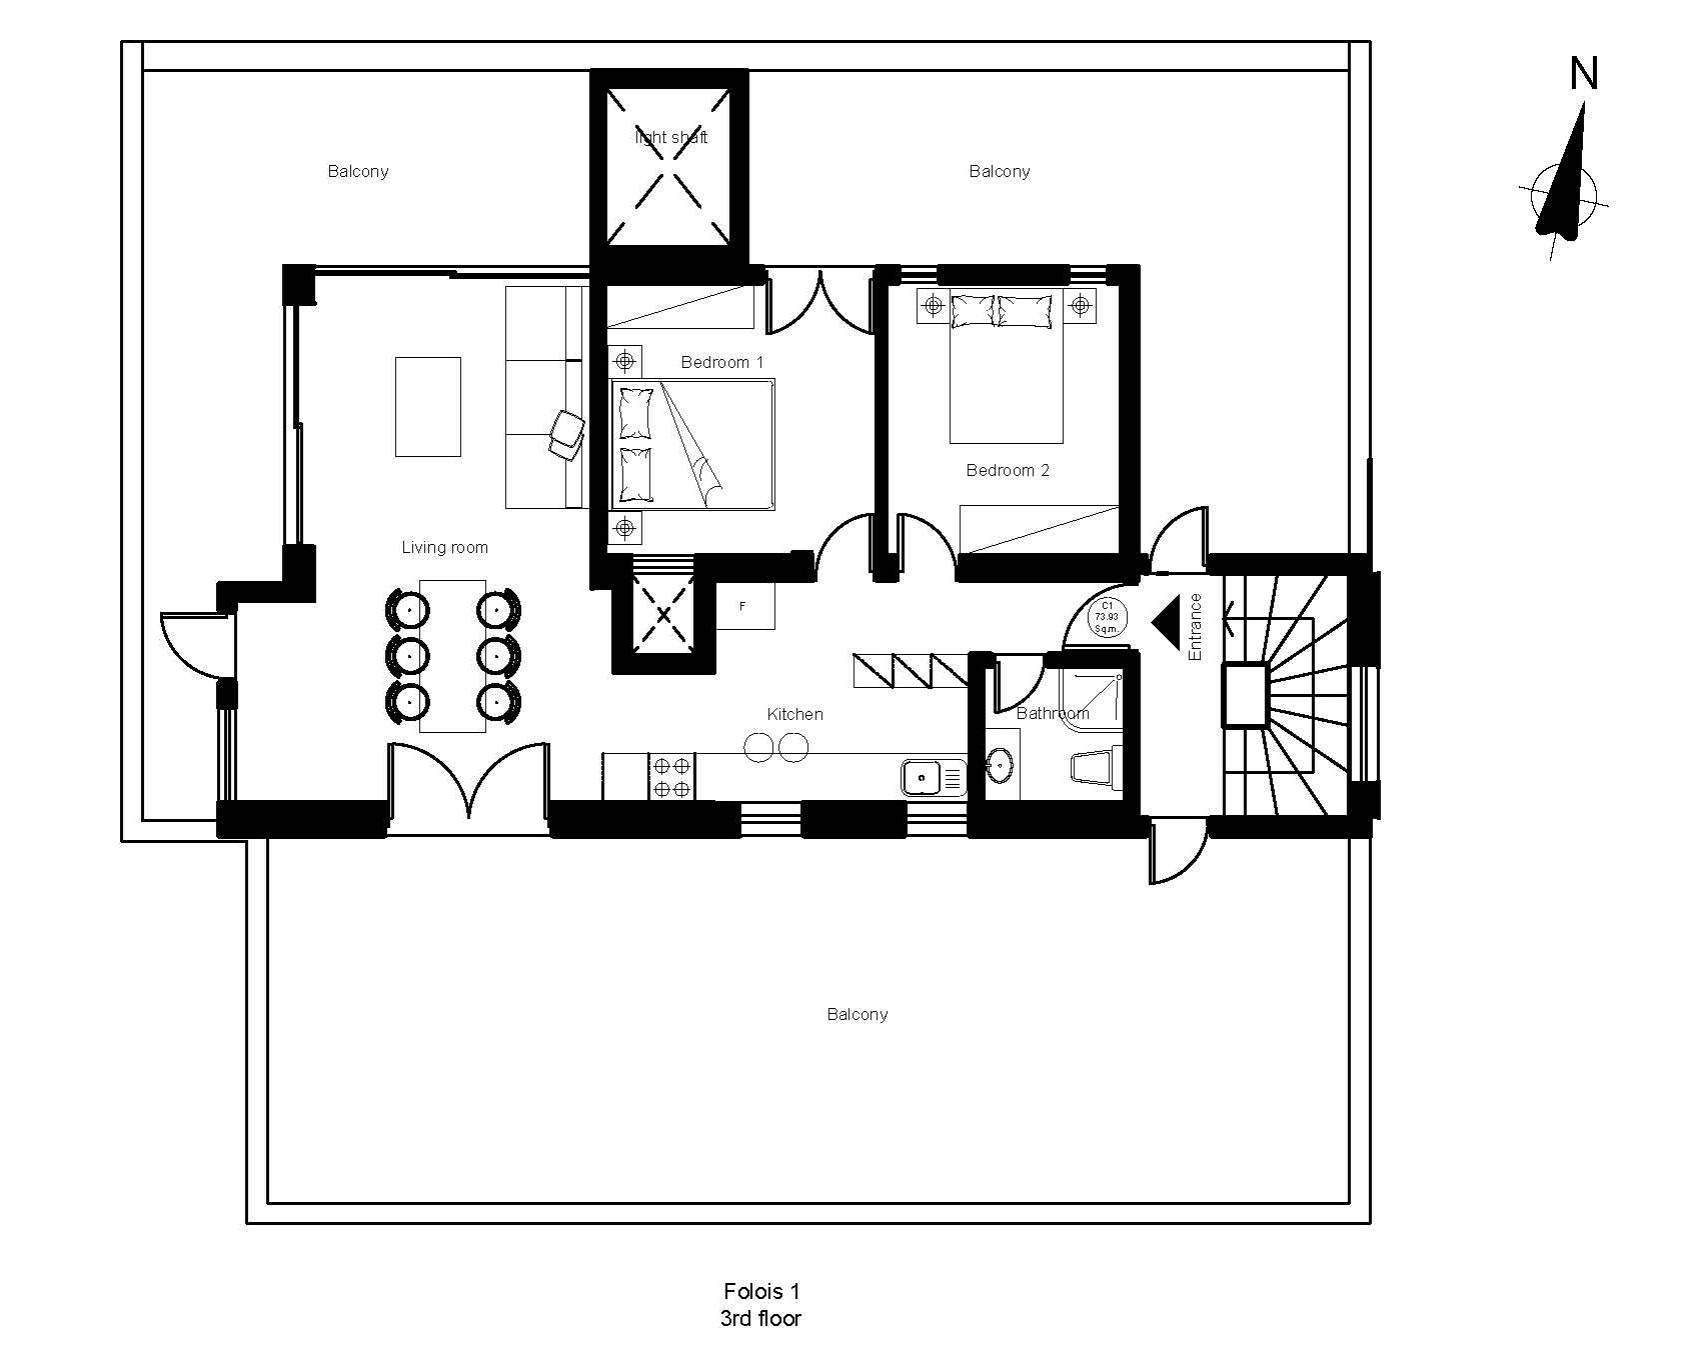 Folois 1 3rd floor plan